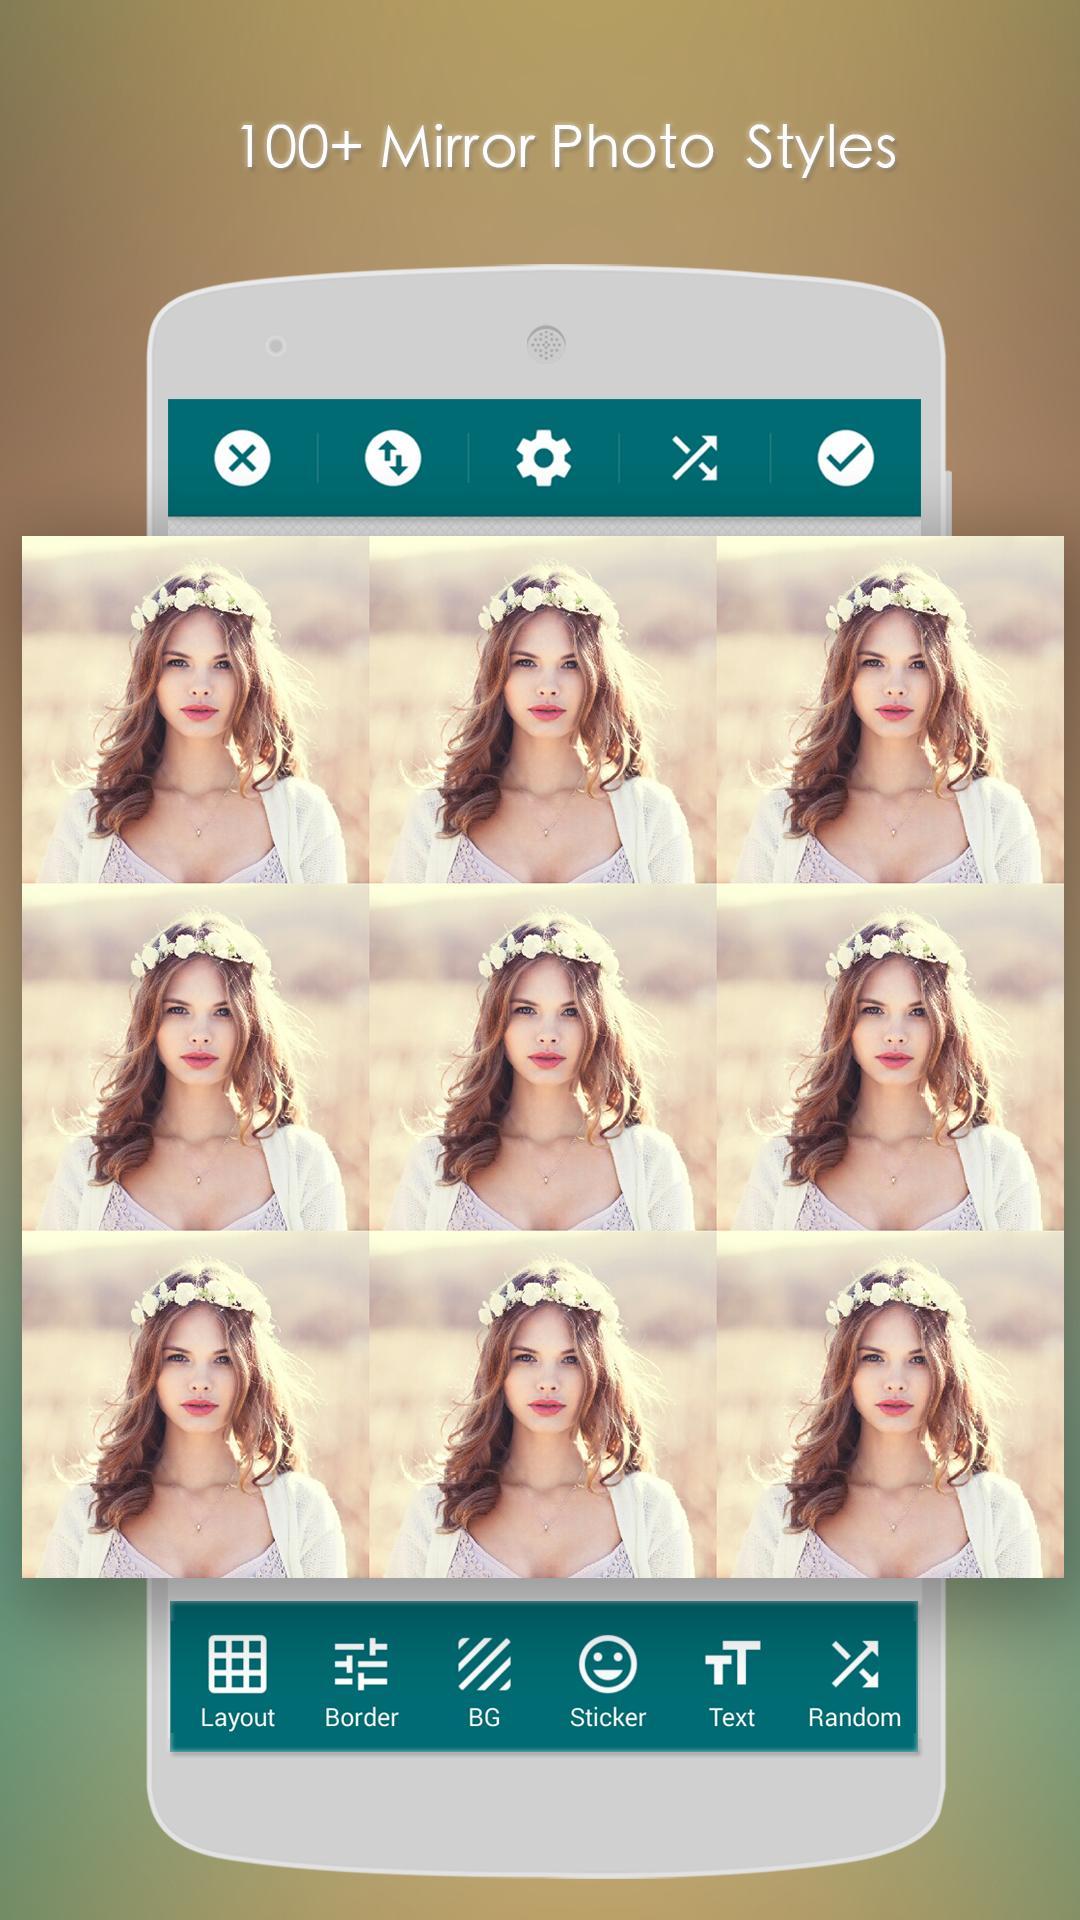 свадебный приложение зеркало фотографий нексию, хорошем состоянии